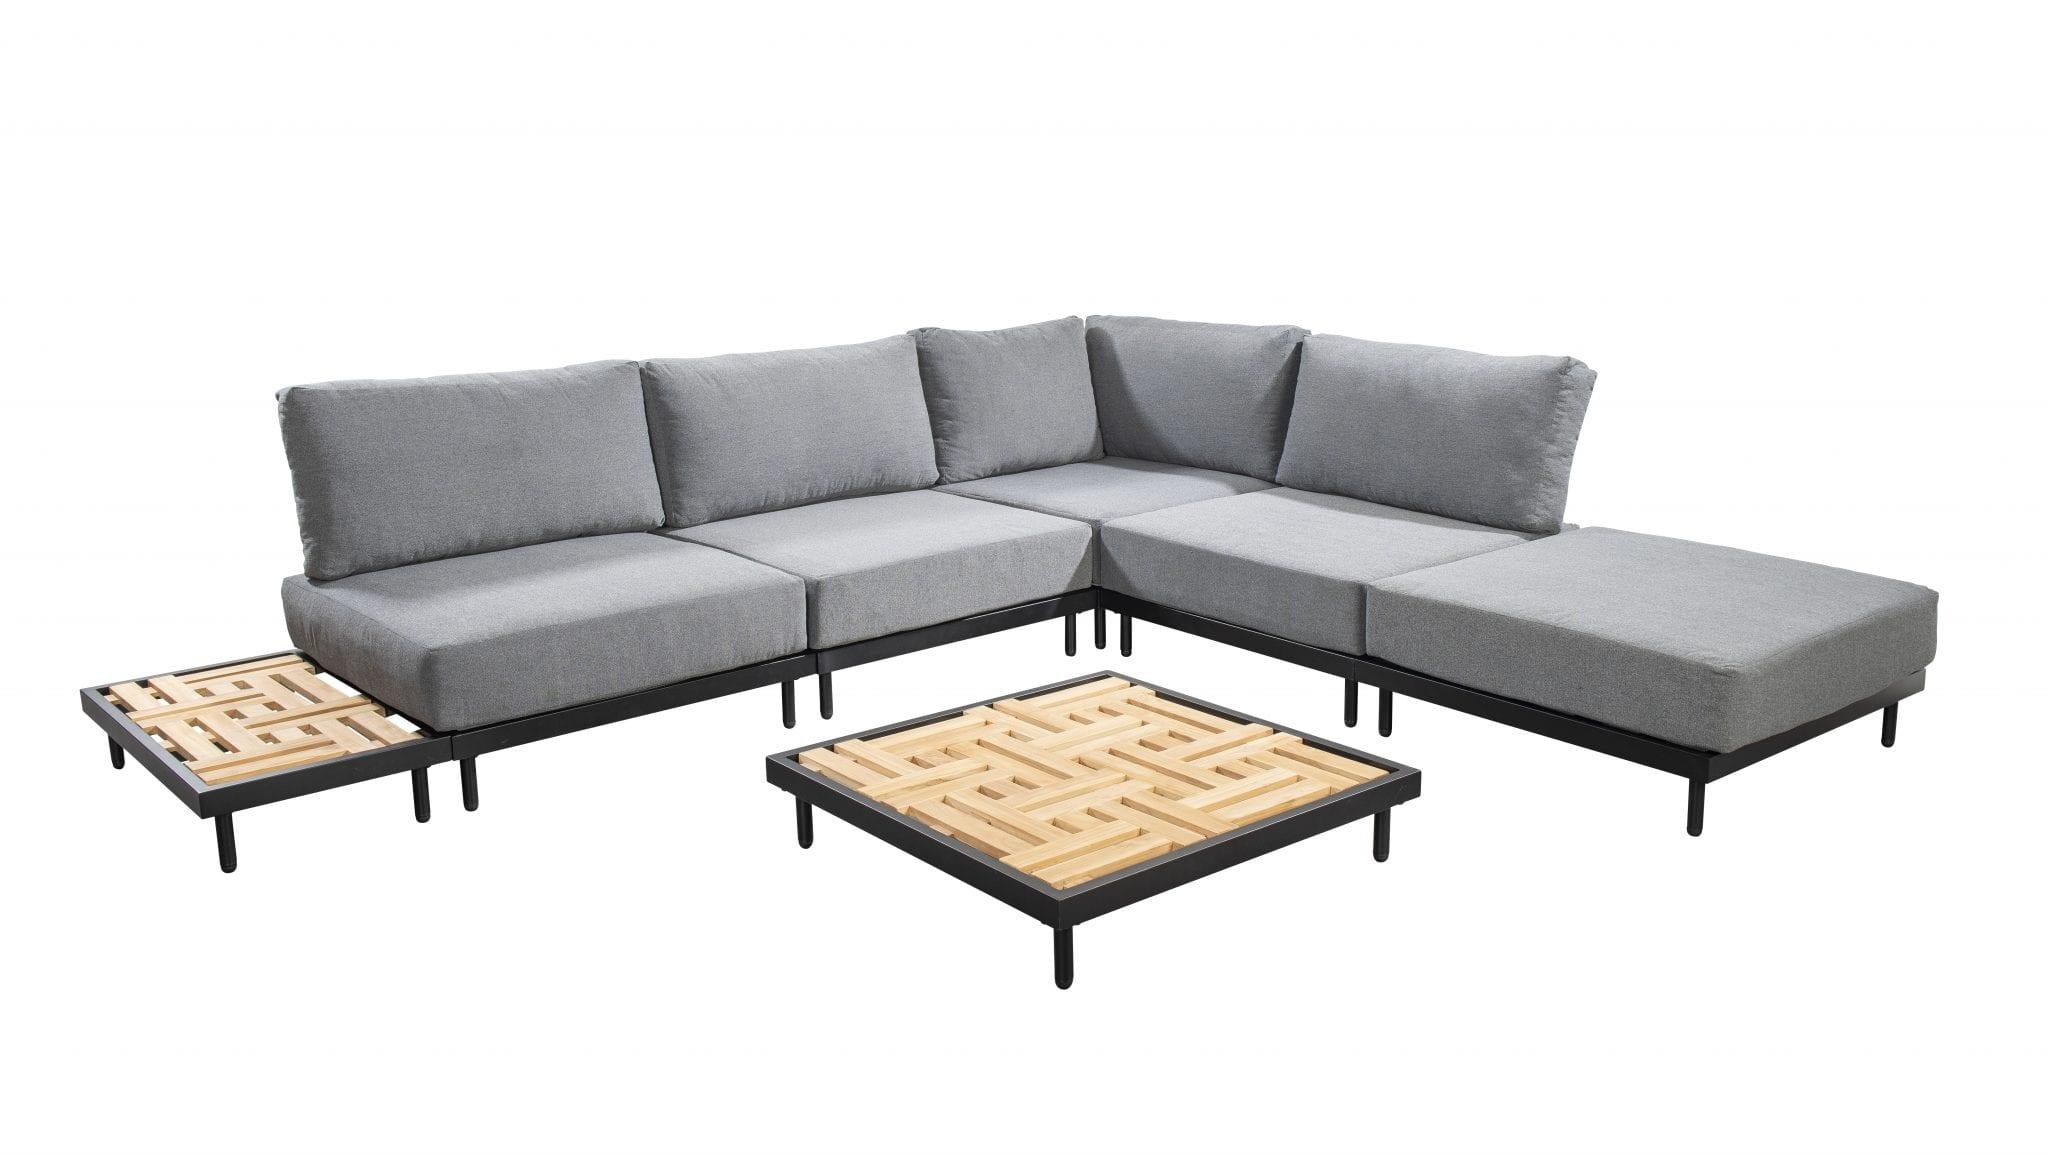 Natsu corner set - black | Yoi Furniture